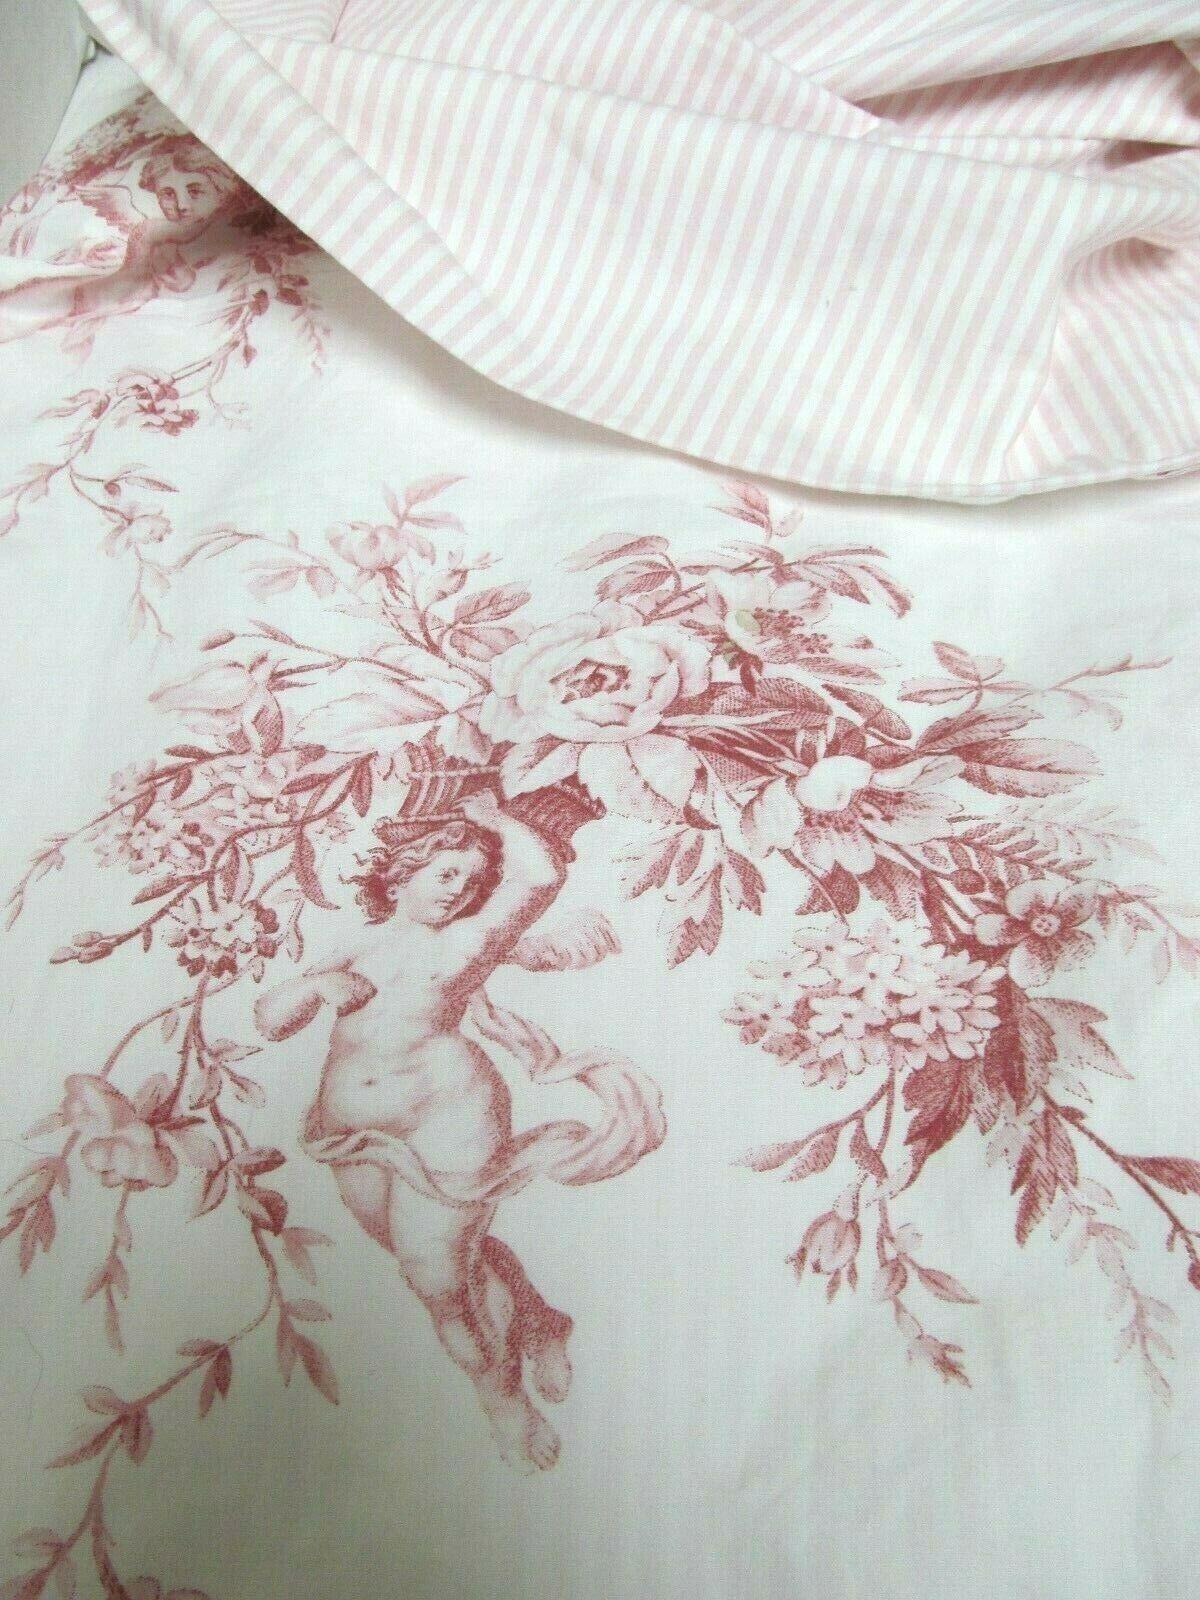 Anne de Solene Paris Pink reversible duvet cover Cherubs Toile- Stripes 53 x 76